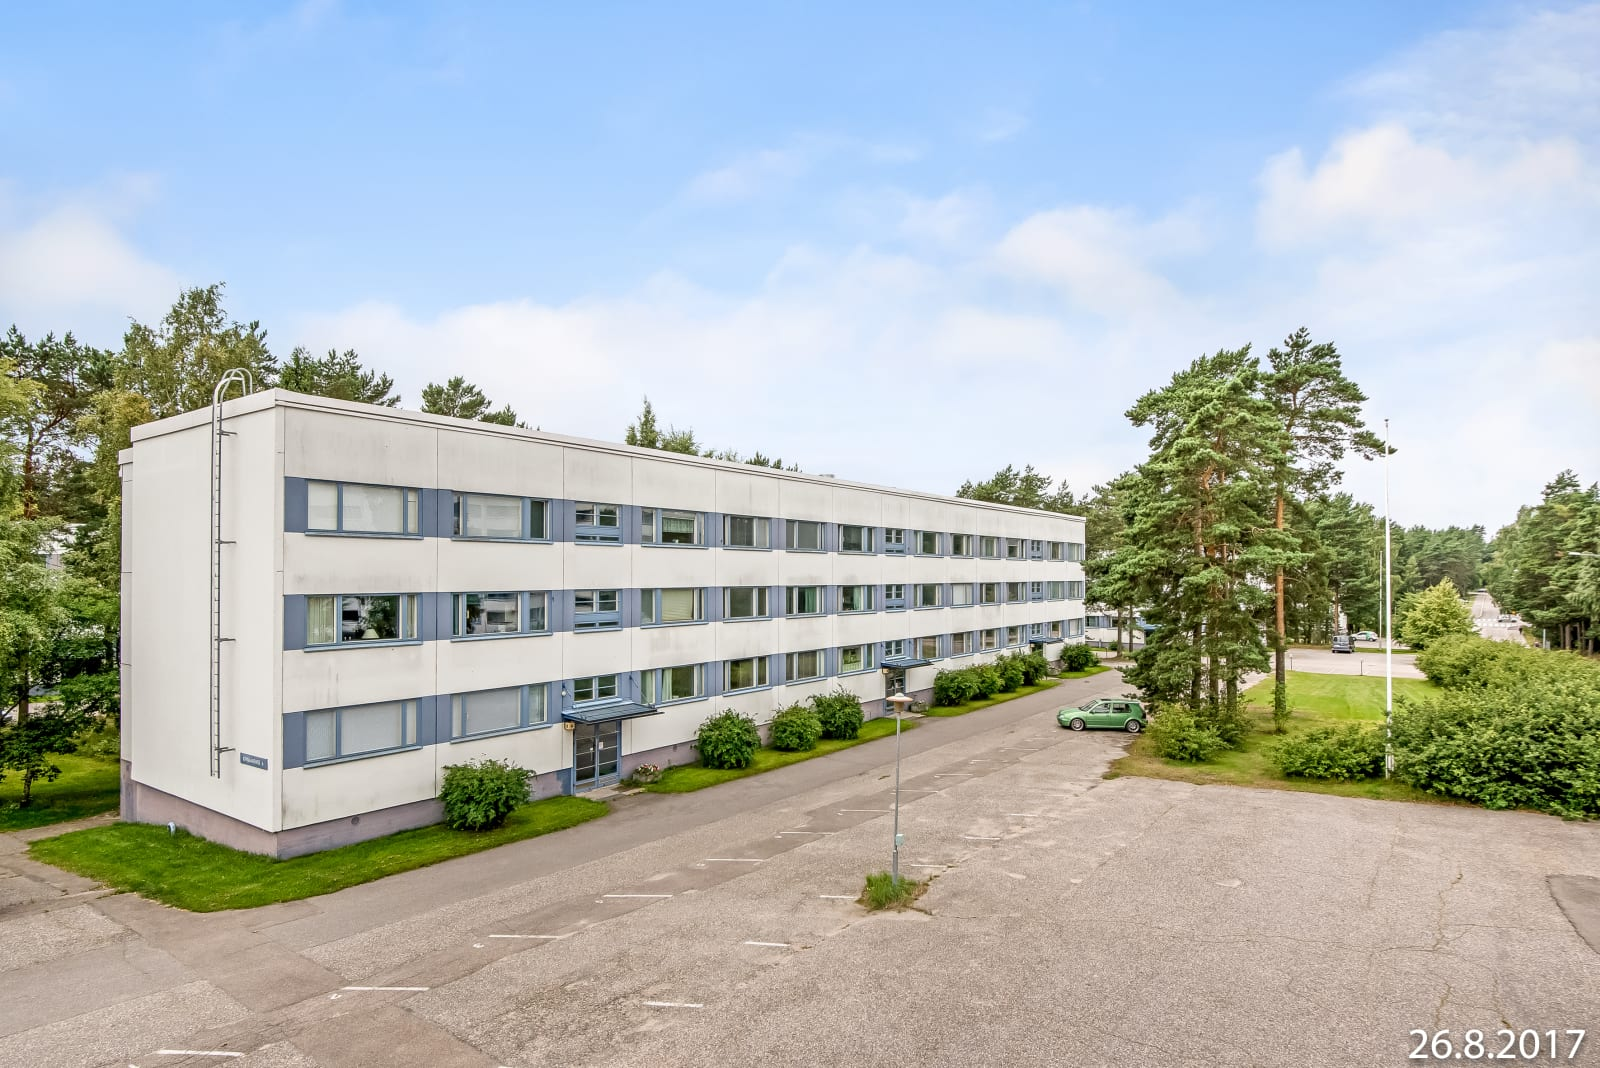 Helsinki, Vuosaari, Kivisaarentie 2-6